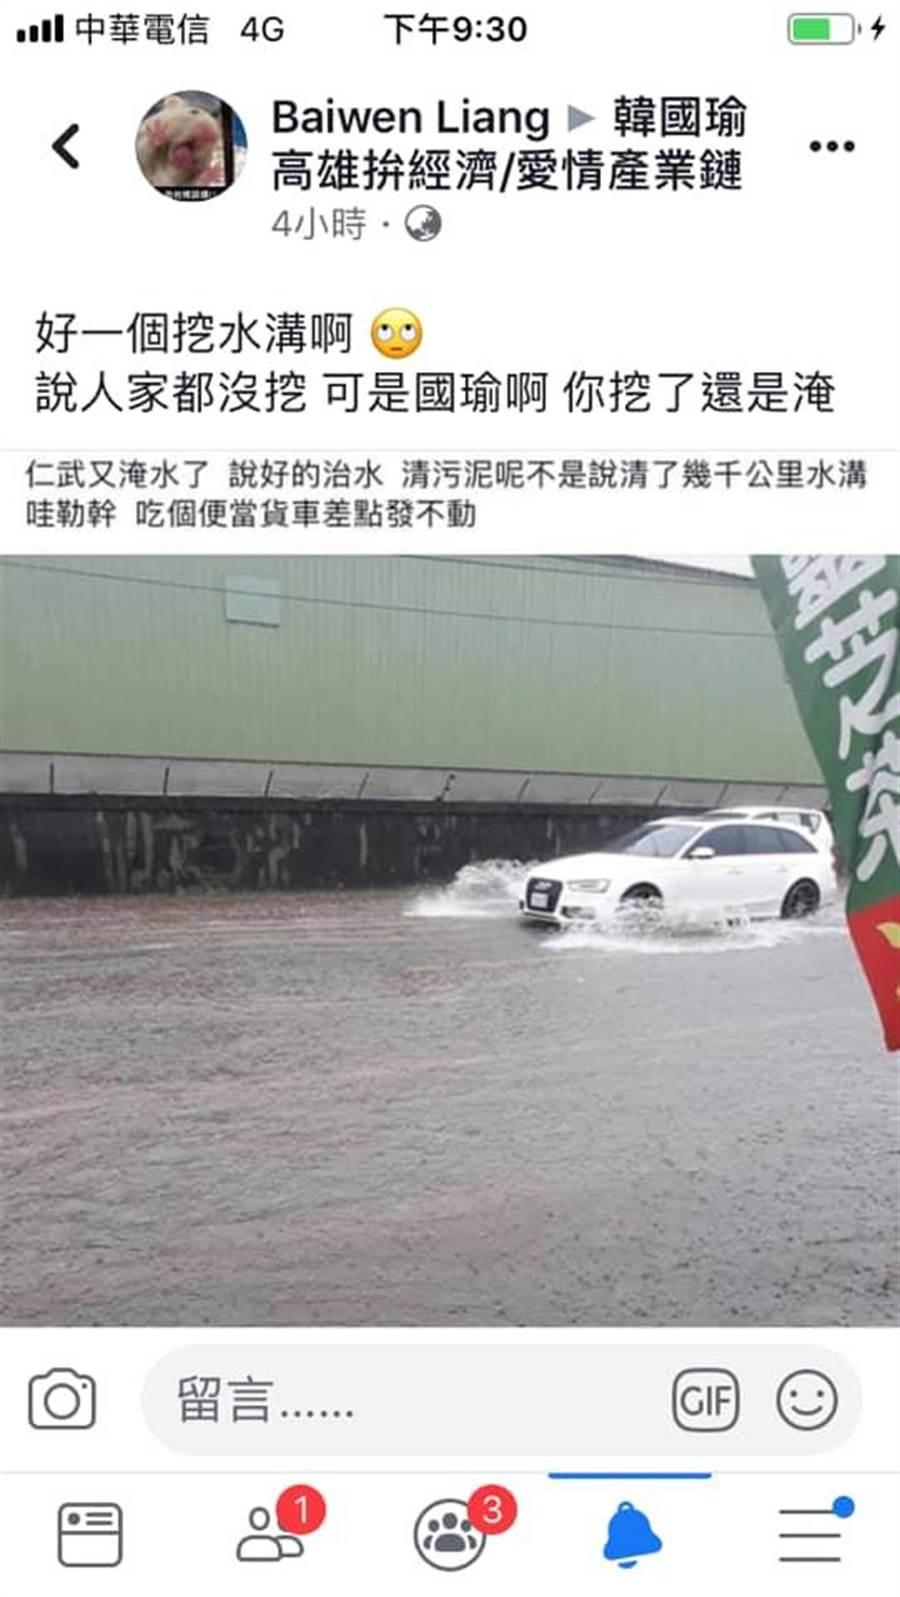 有韓黑在臉書上貼出照片,造謠高雄仁武昨天淹大水,並酸高雄市長韓國瑜「好一個挖水溝啊」。(嗆英挺韓空降軍)